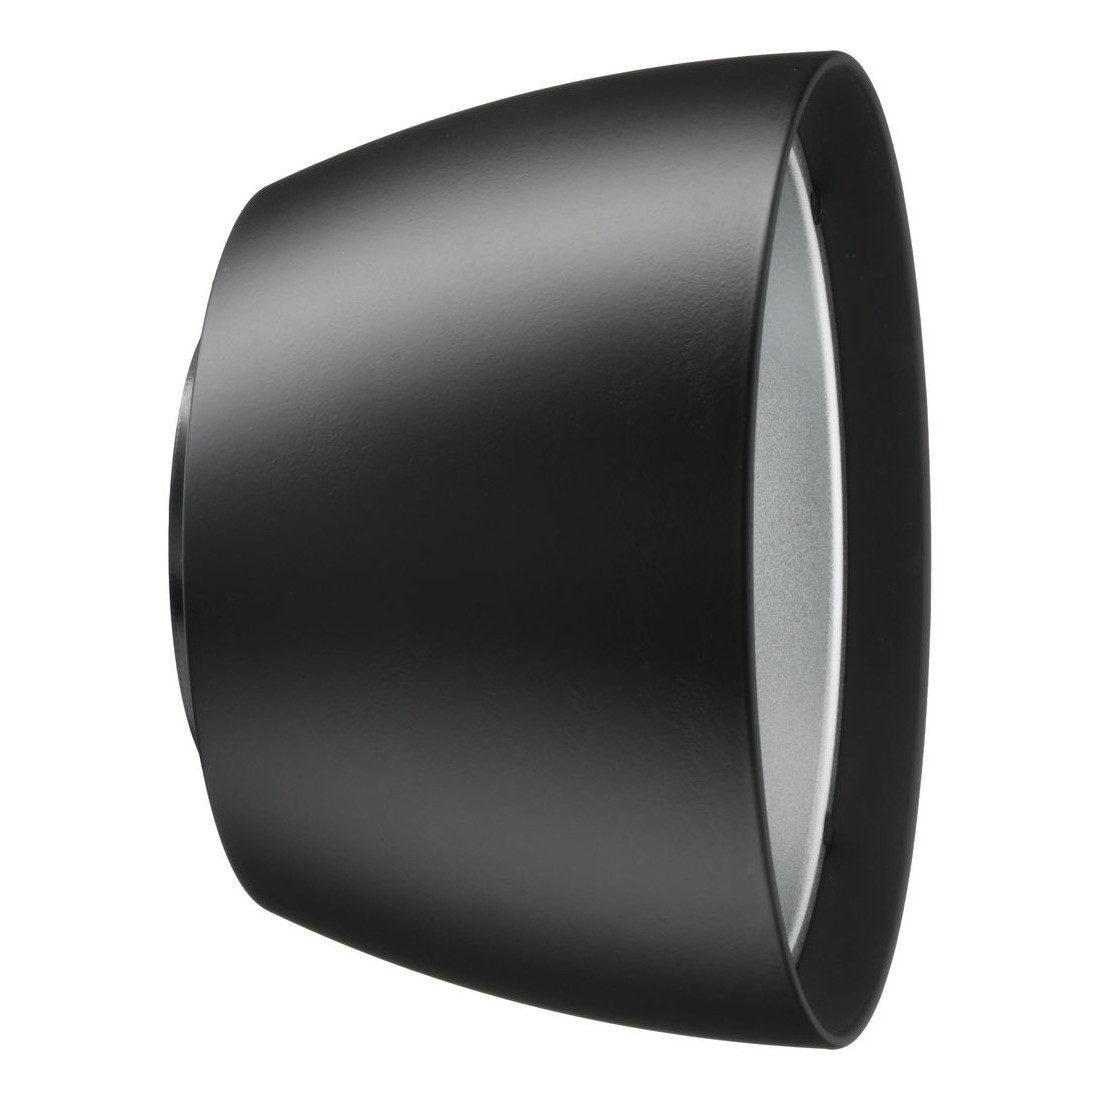 Broncolor L40 Standard Reflector